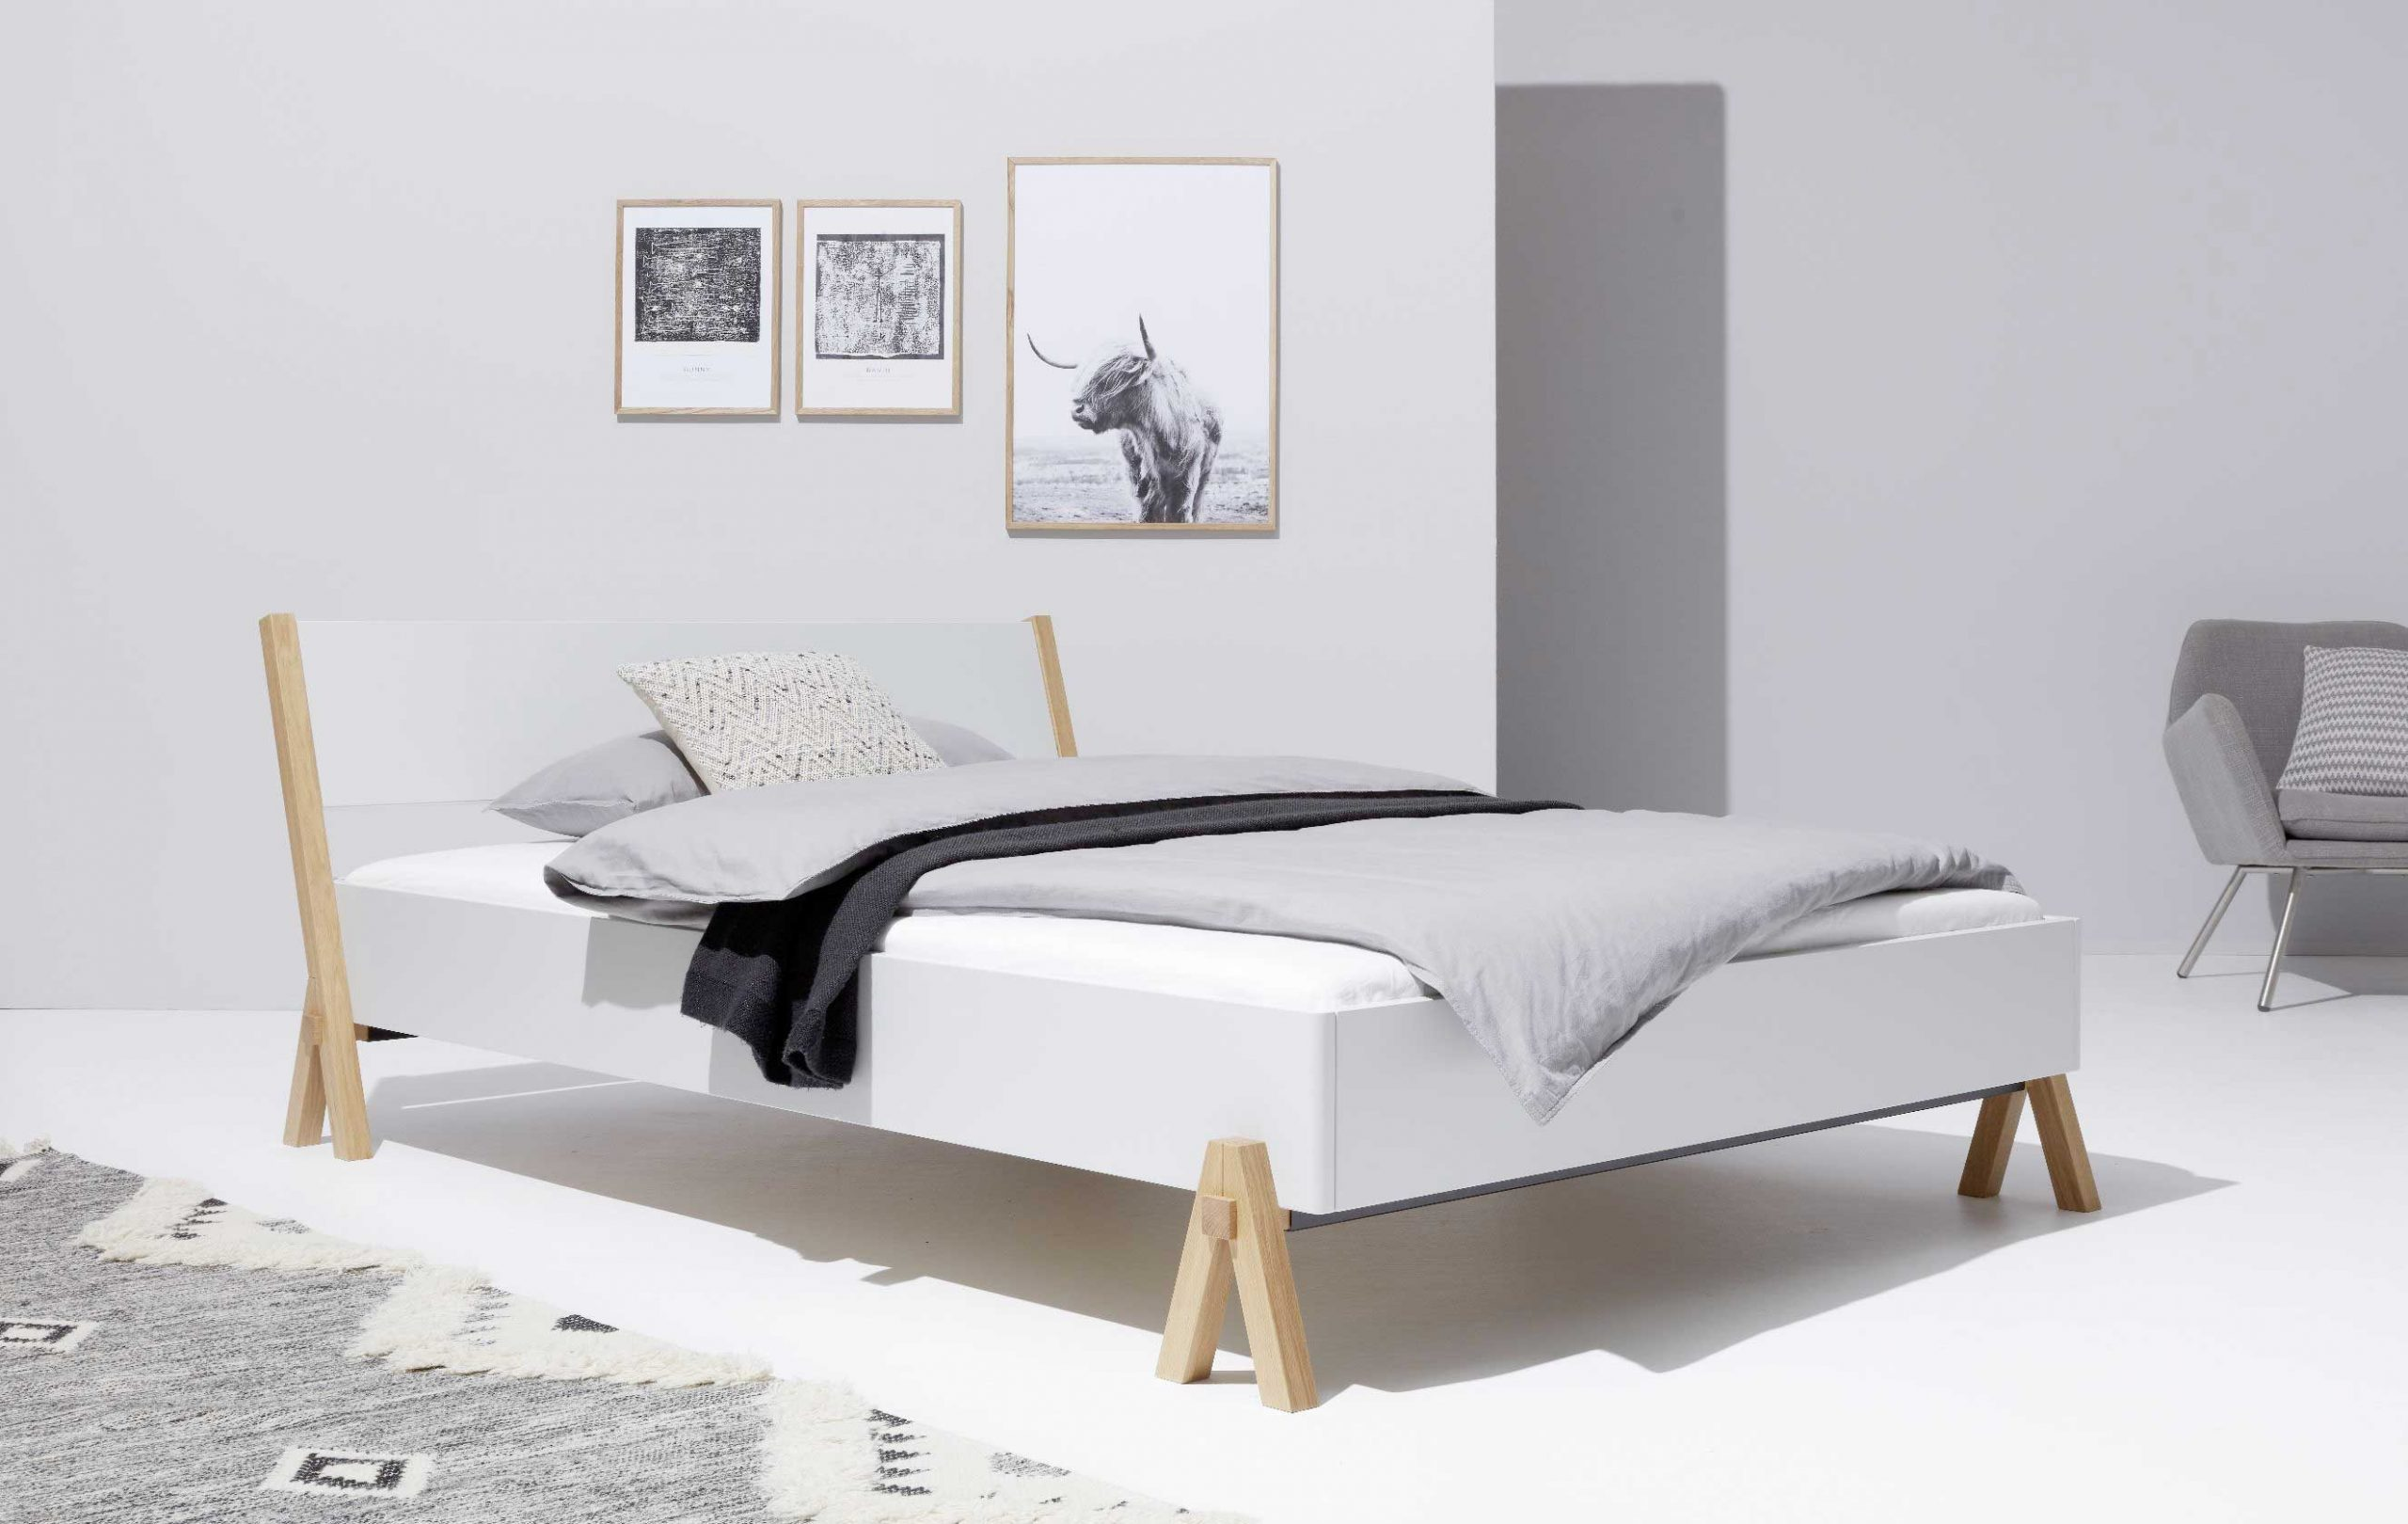 Full Size of Betten 140x200 Weiß Designwebstore Boq Bett Weiss 140 200 Cm Ohne Lattenrost Weißes Regal Frankfurt Mit Schubladen 100x200 Günstig Kaufen Hochglanz Bett Betten 140x200 Weiß